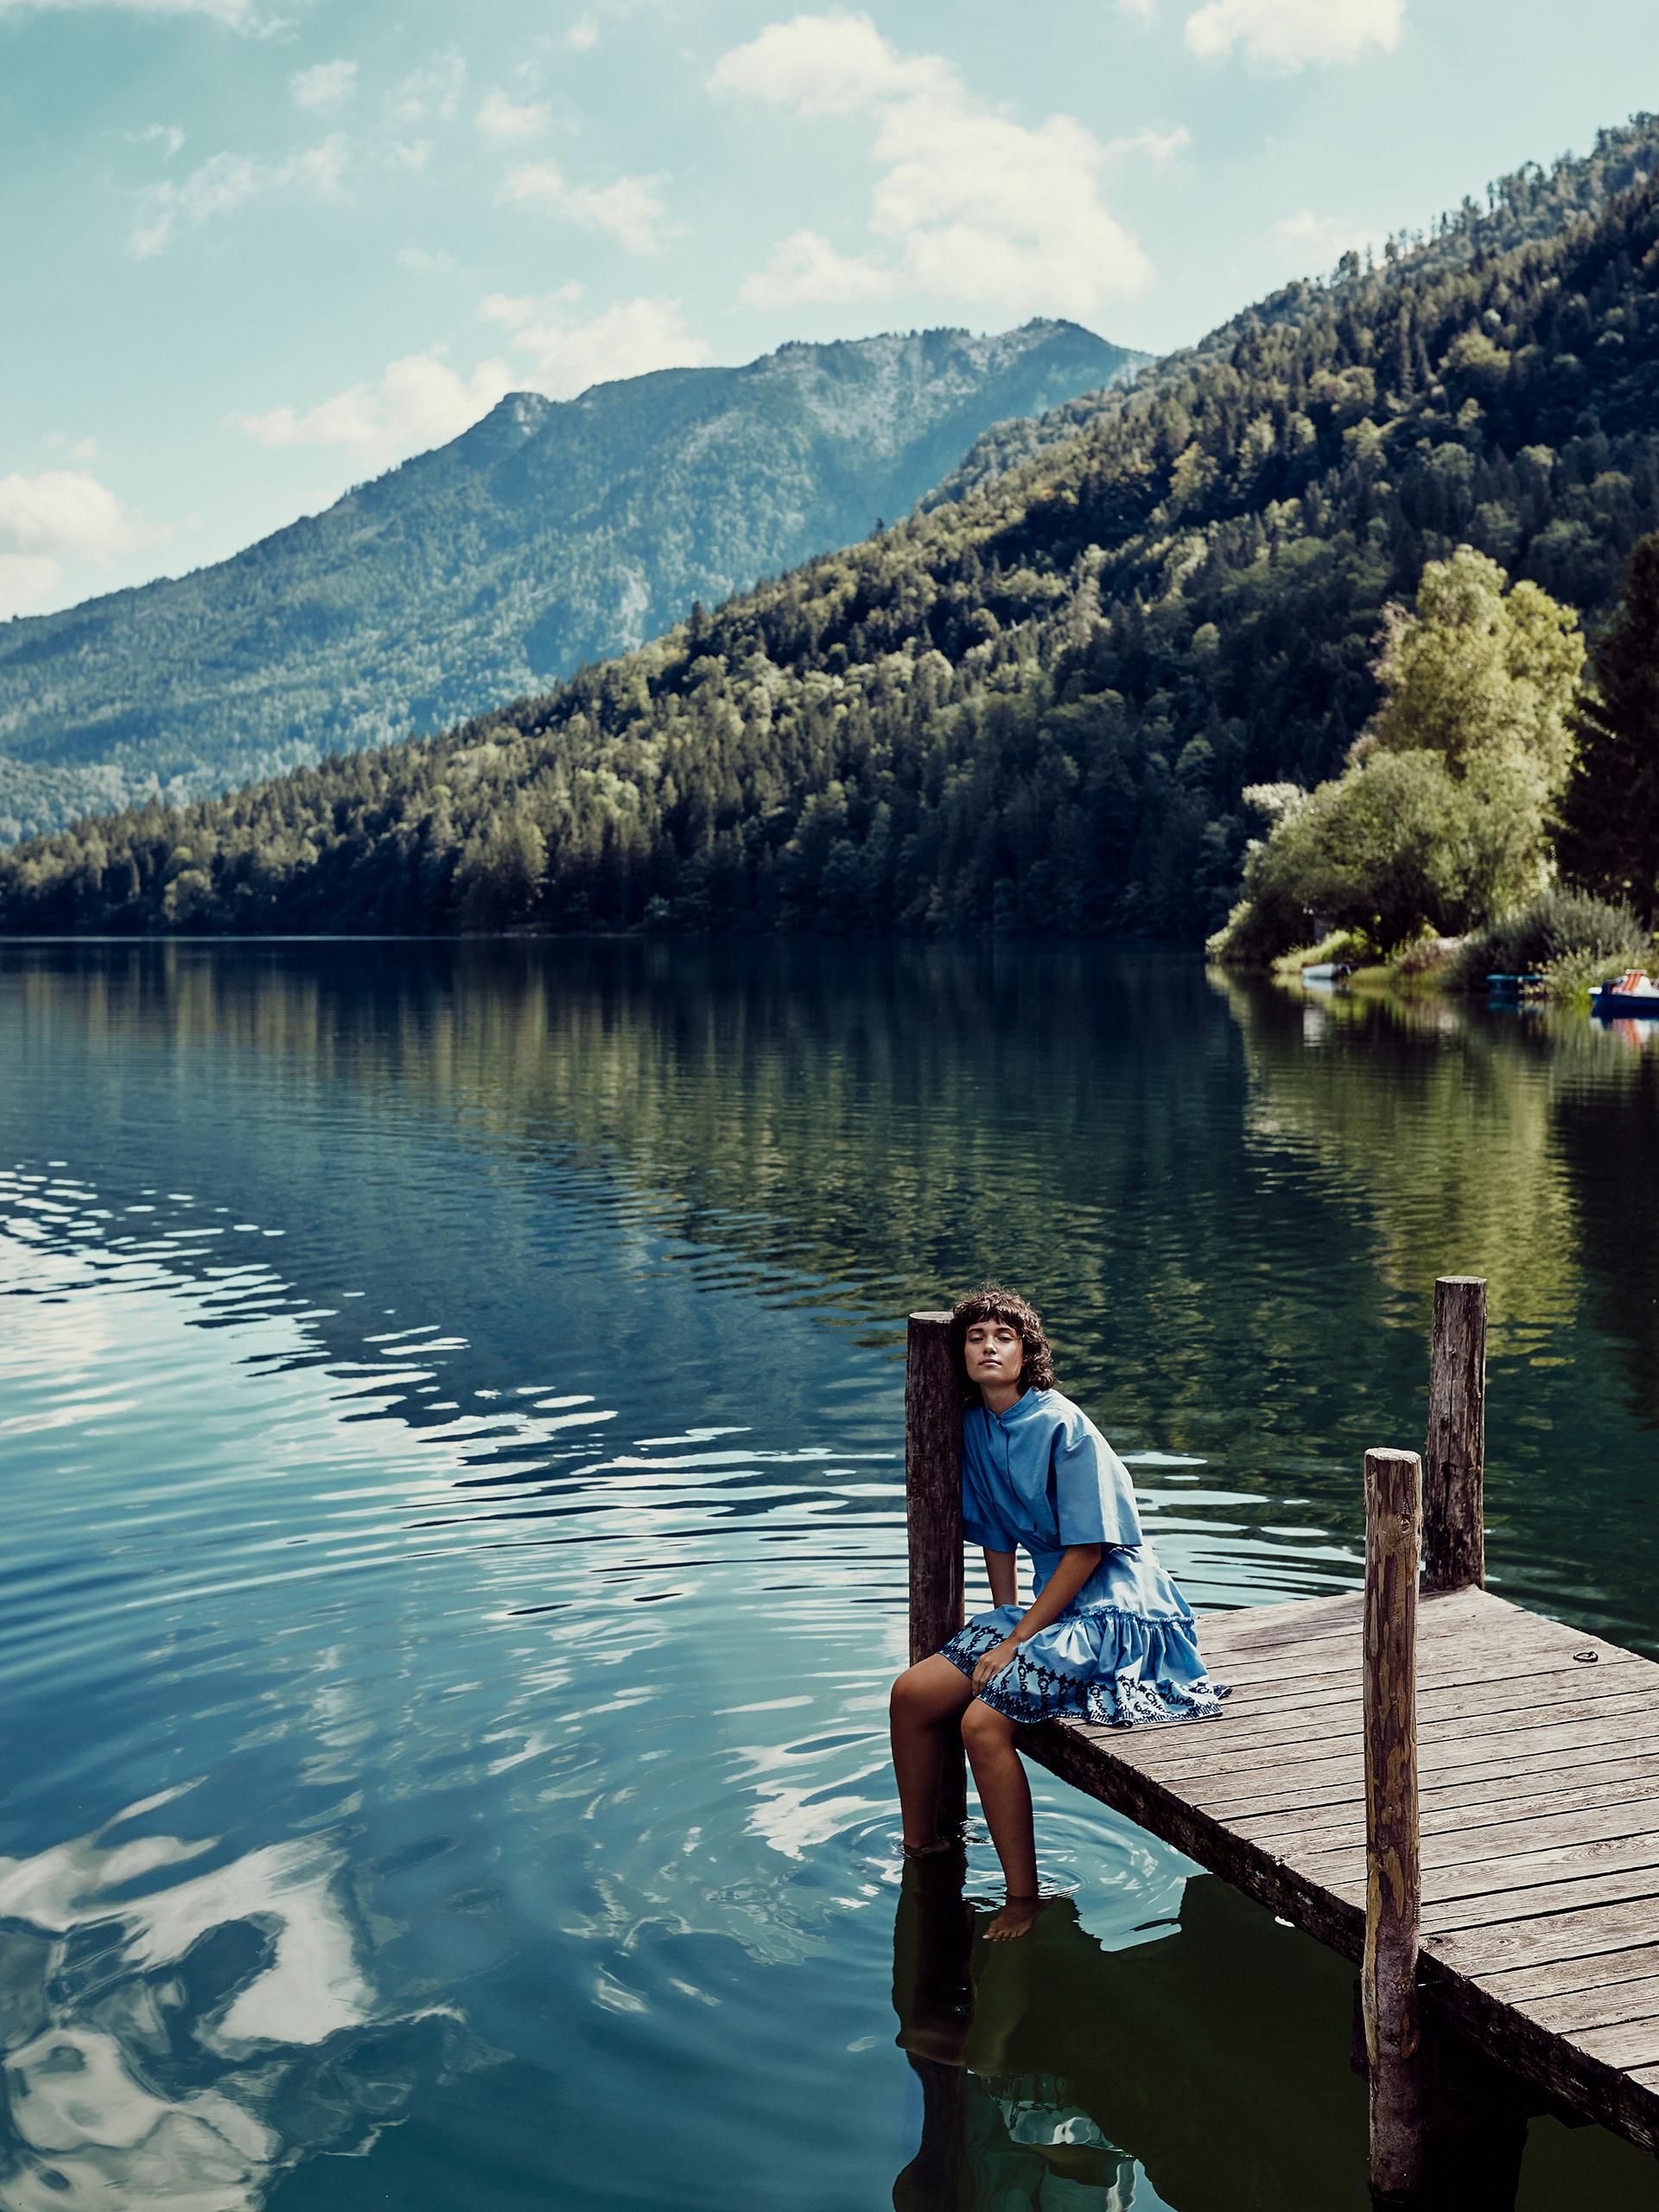 У озера / фотограф Philipp Jelenska